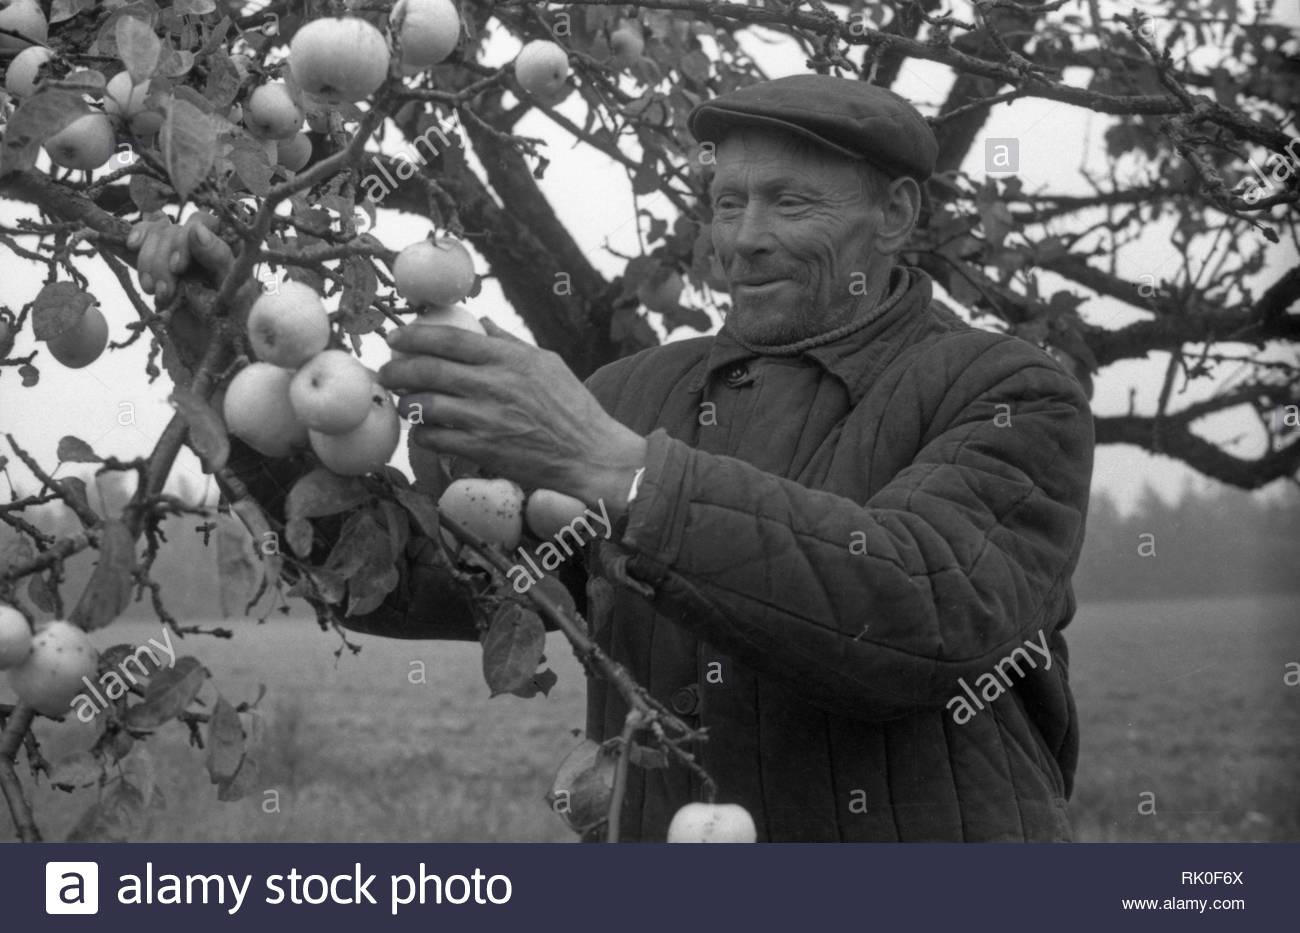 Eine ältere Dorfbewohnerin steht in der Nähe eines Apple Baum in seinem Garten. Herbst. Auf dem Baum ist fast keine Blätter. Sie sind fiel weg. Allerdings gibt es noch eine Menge kleine Äpfel auf den Zweigen. Der Mann berührt die Frucht des Baumes. Auf seinem Gesicht es ist ein Genuss und Zärtlichkeit der Früchte tragenden Baumes. Er trägt gefütterte Jacke. Die Kappe auf dem Kopf. Das Gesicht der Dorfbewohner ist zerknittert. Es ist klar, dass alle seine Leben, das Er in harter körperlicher Arbeit beschäftigt war. Stockbild